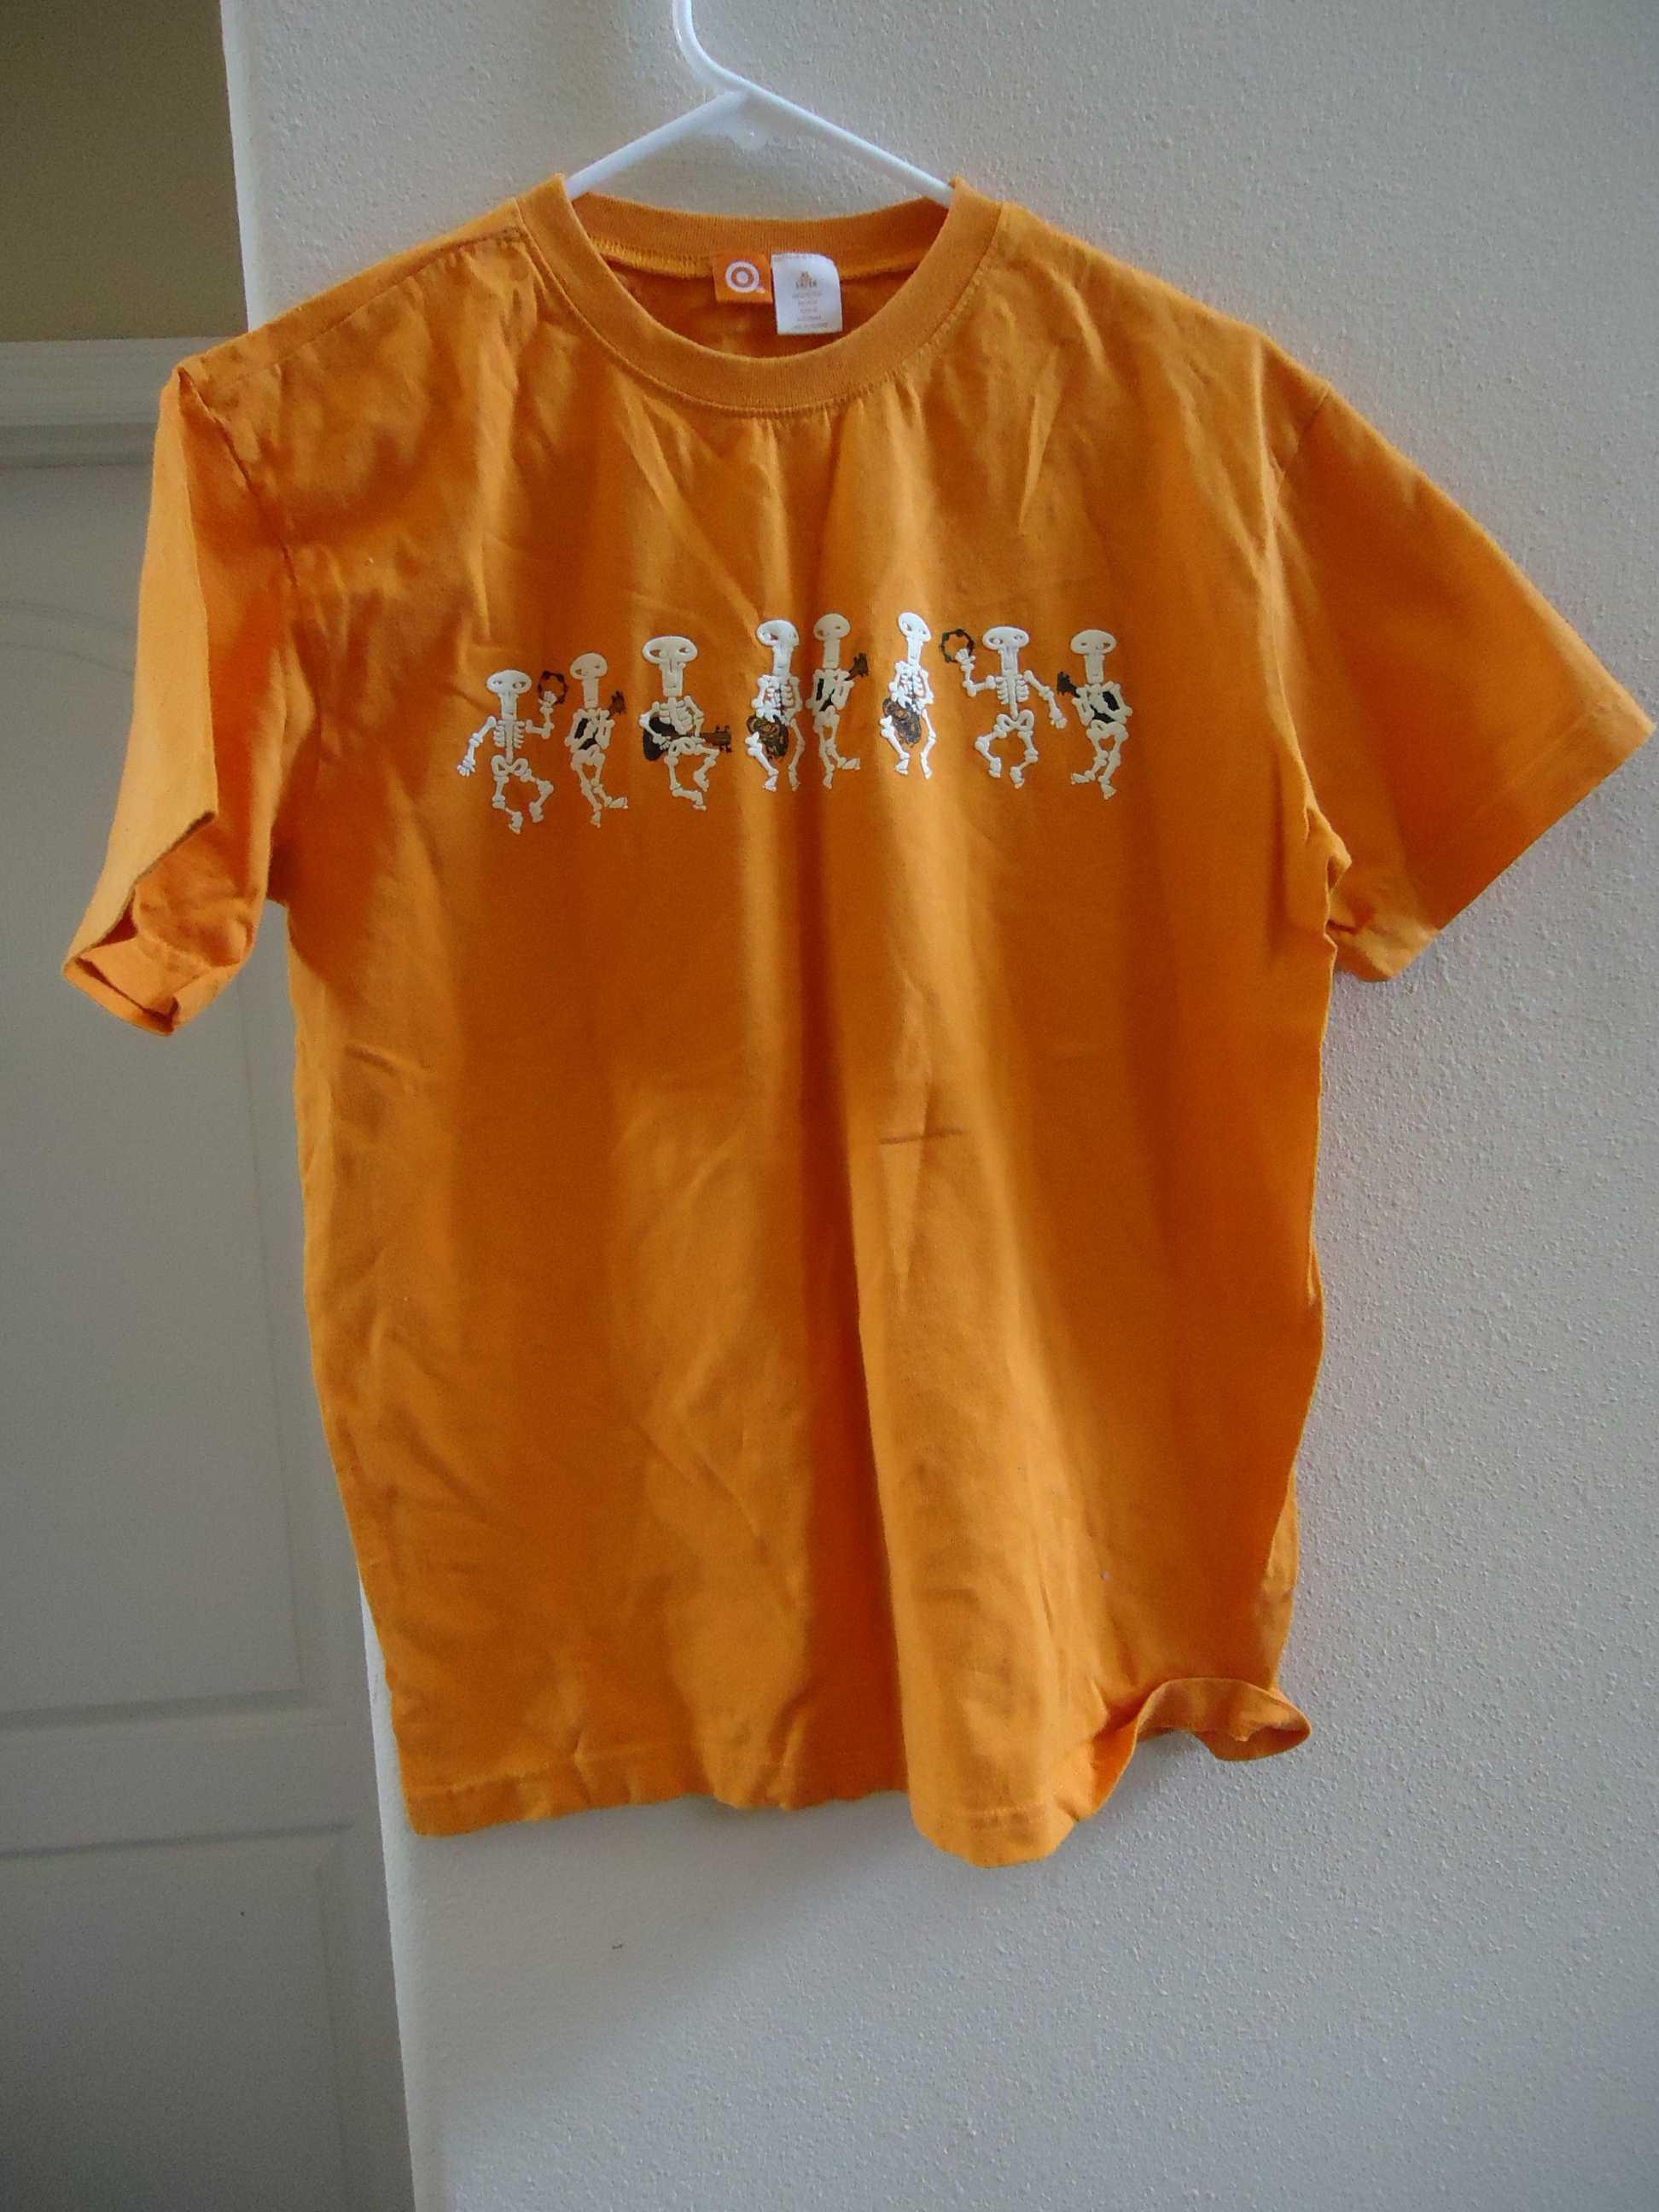 Skeleton Rock Band T Shirt For Sale Item 36986